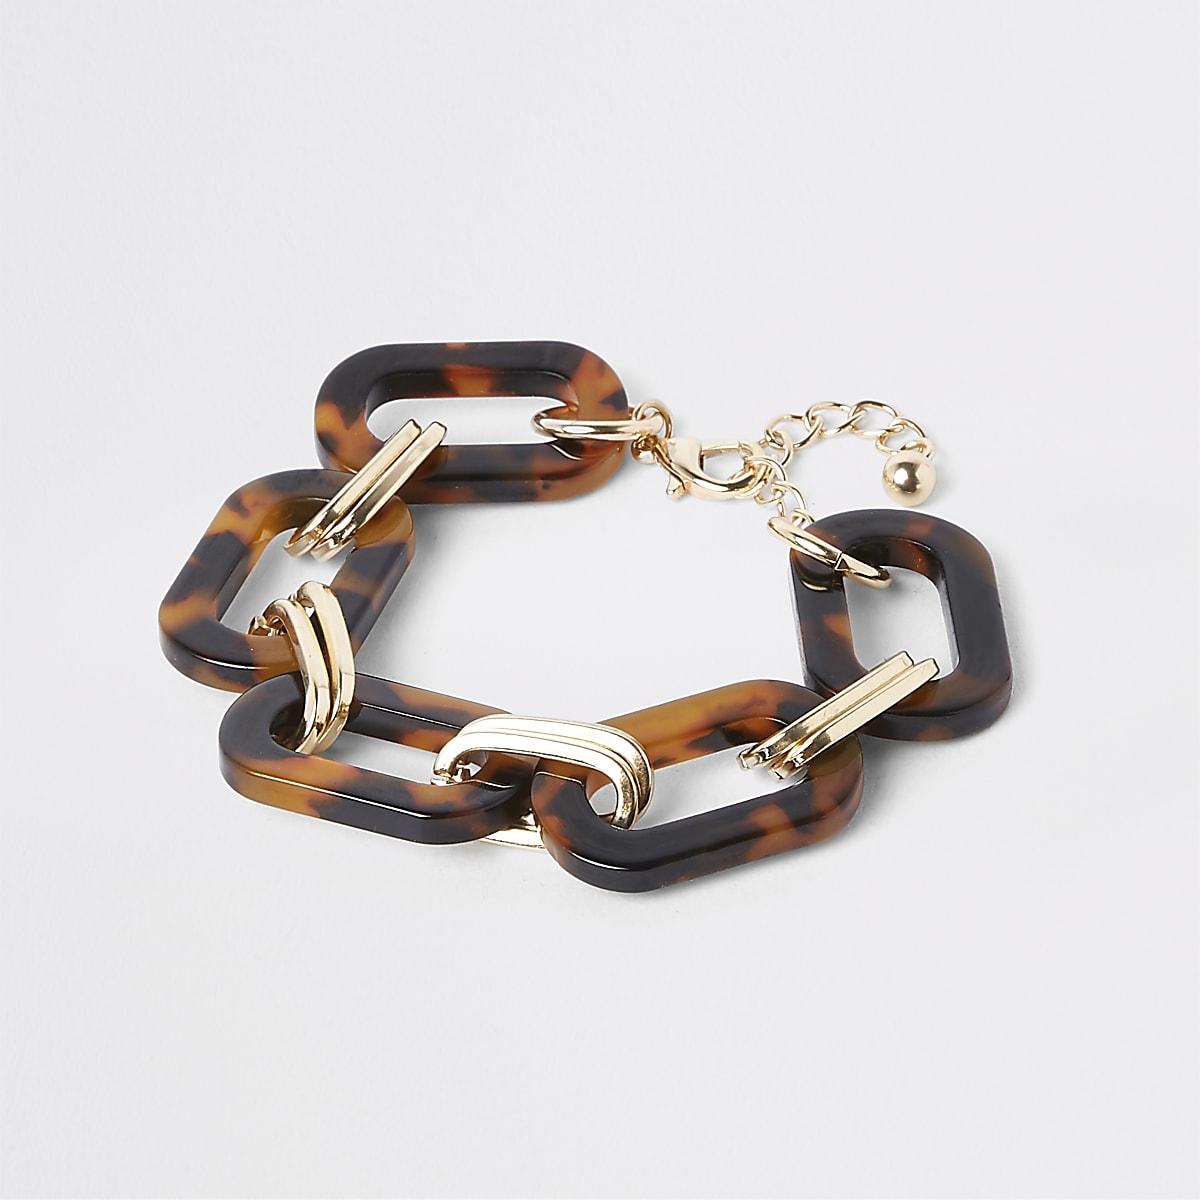 Brown tortoiseshell interlinked bracelet